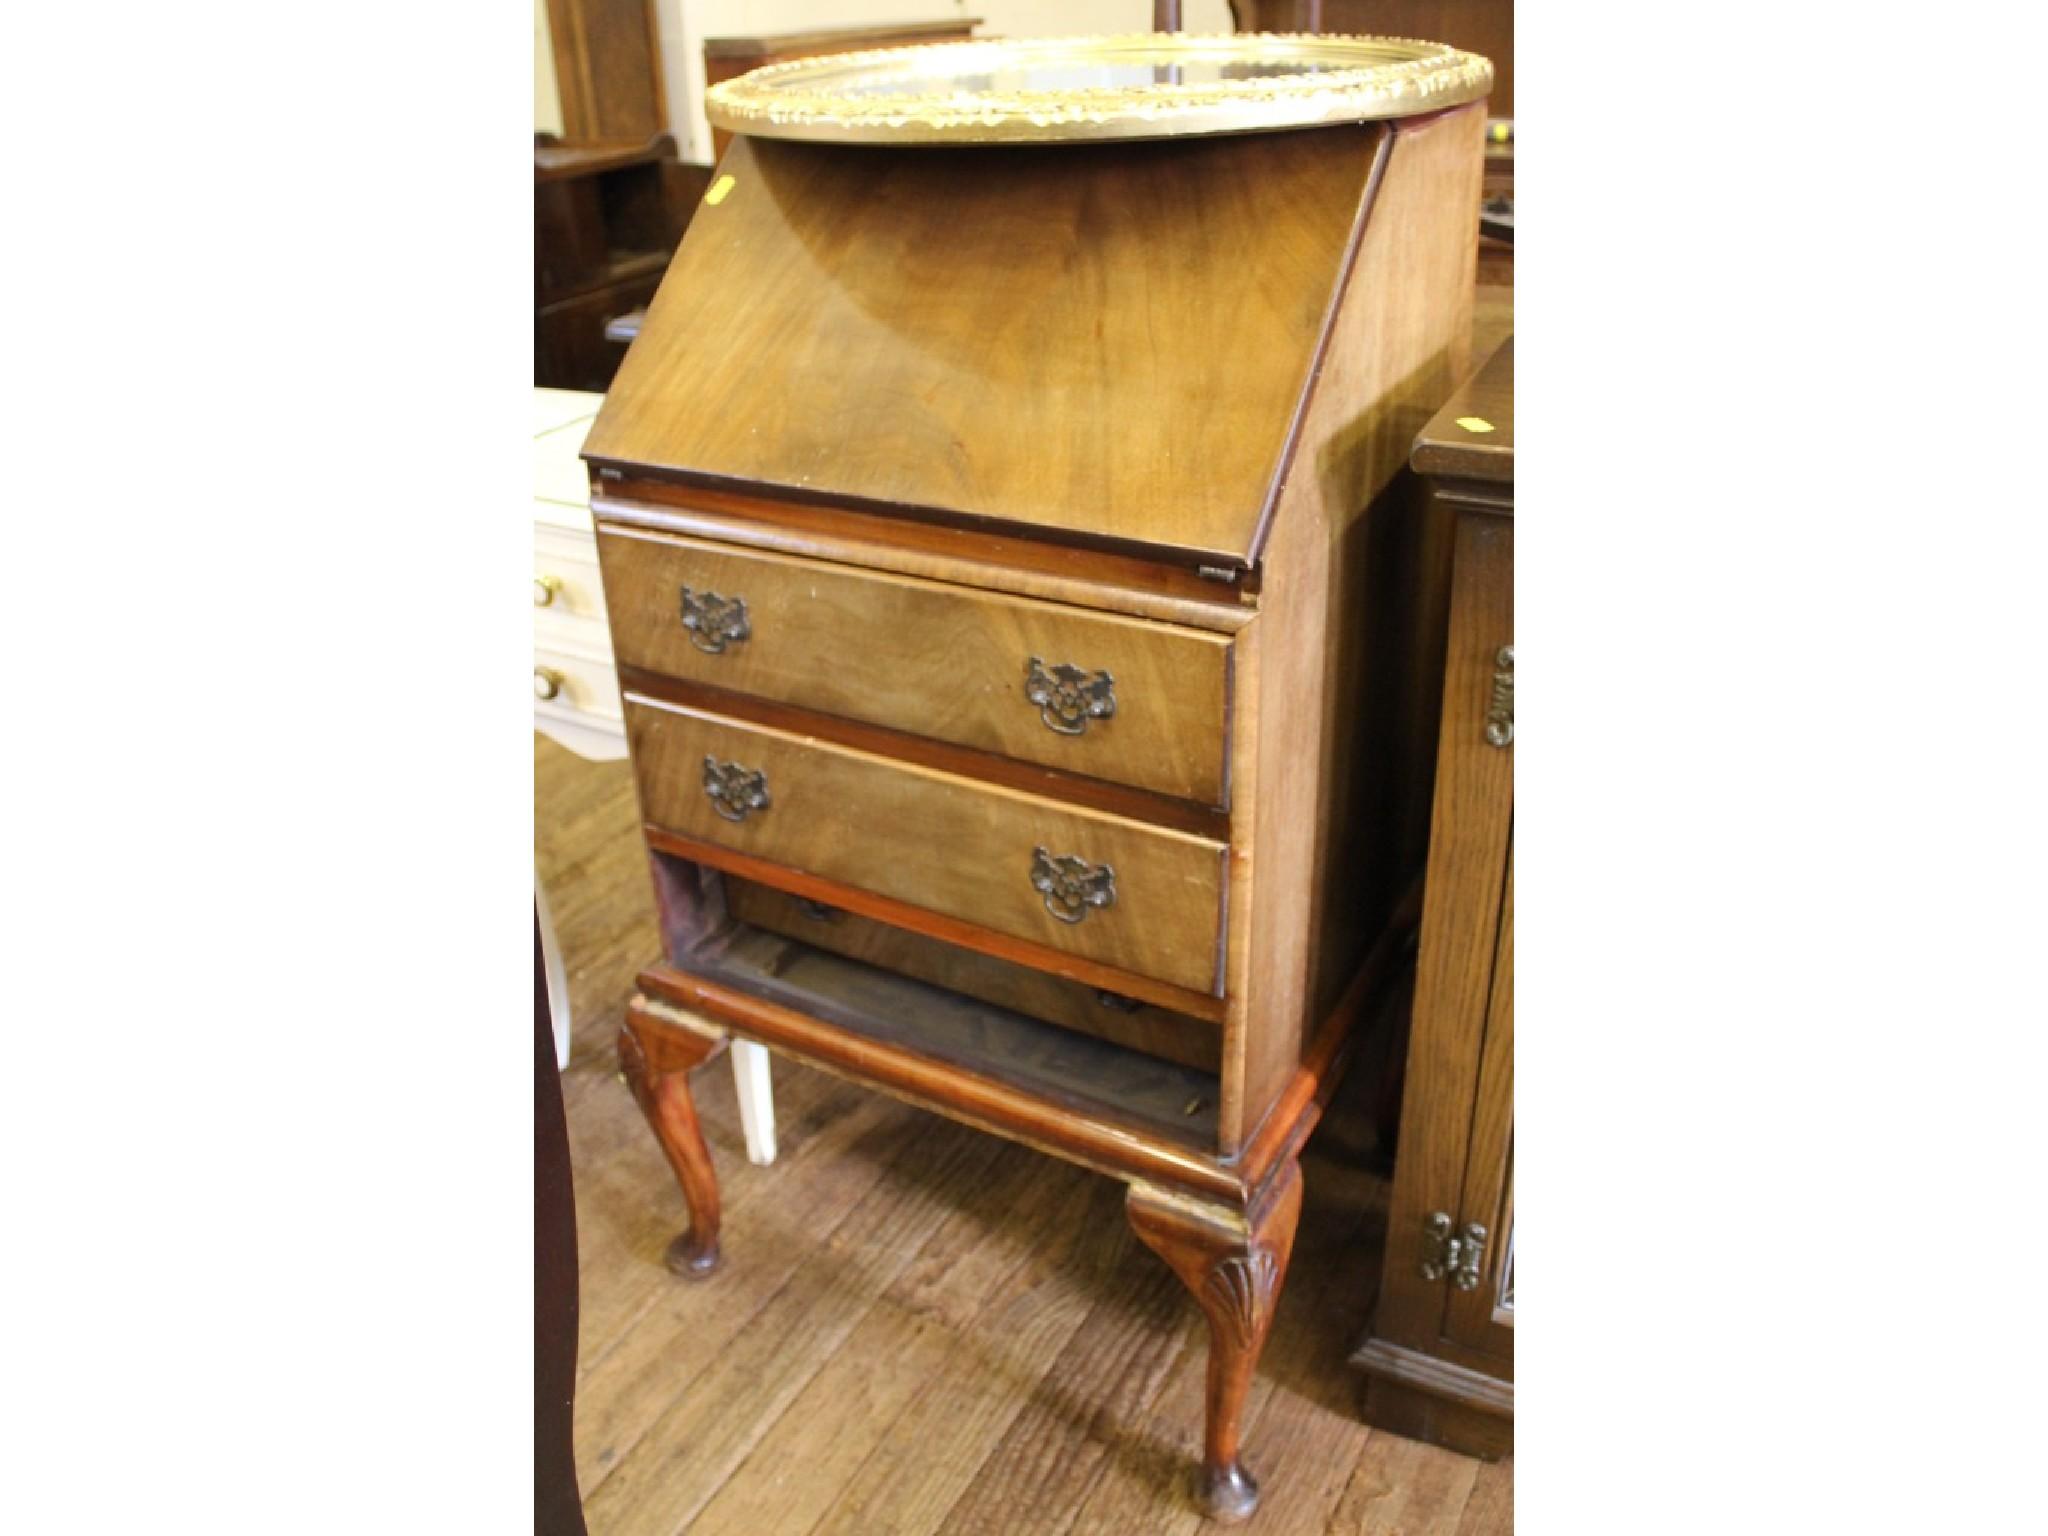 A walnut veneered bureau with three drawers and cabriole legs, Harvey Nichols label, 52cm wide, and a giltwood circular wall mir